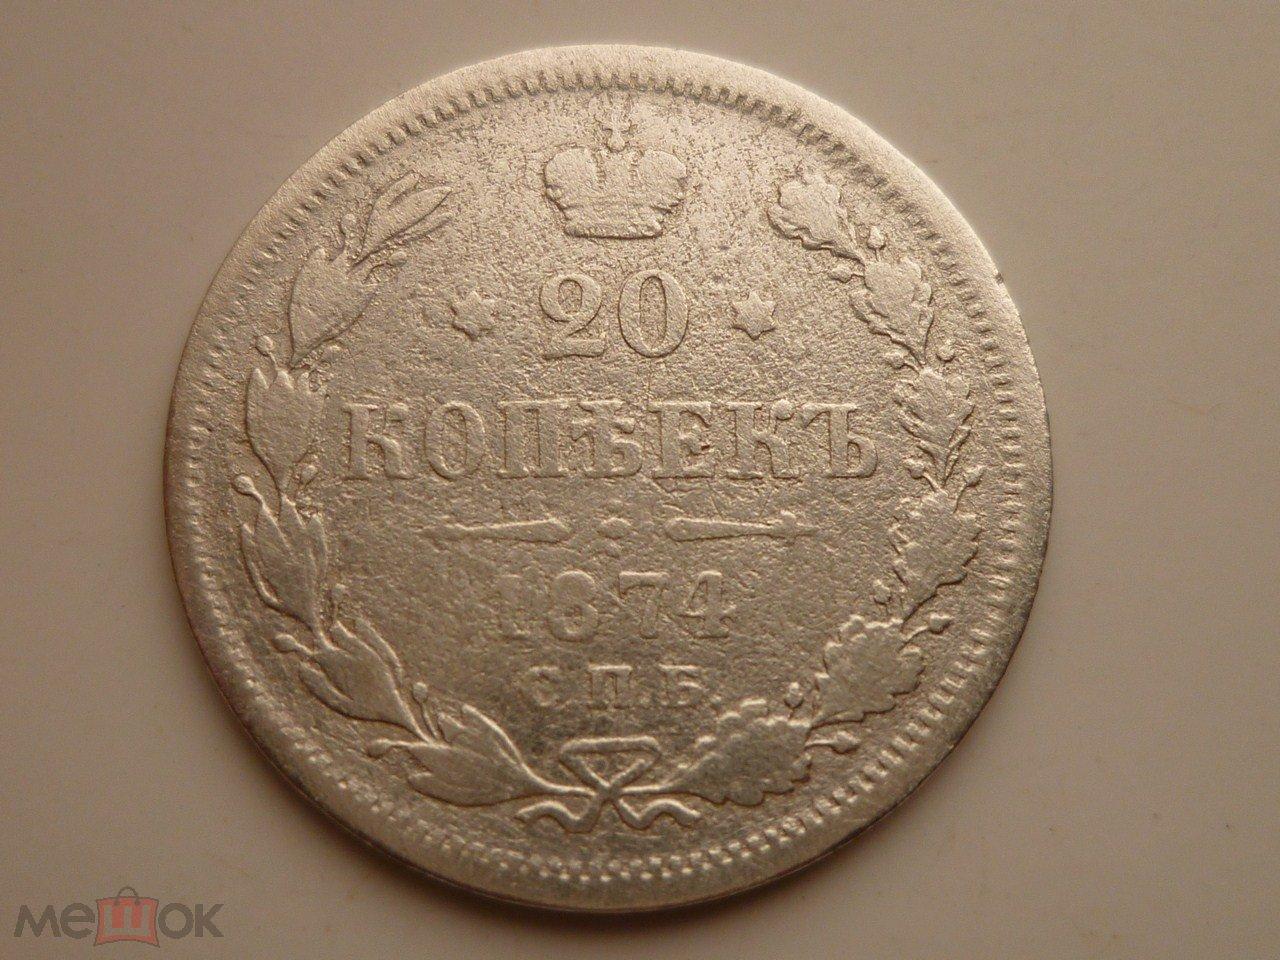 20 копеек 1874 года СПБ HI. Нечастые! Хорошее состояние!  Все гербы! № 293